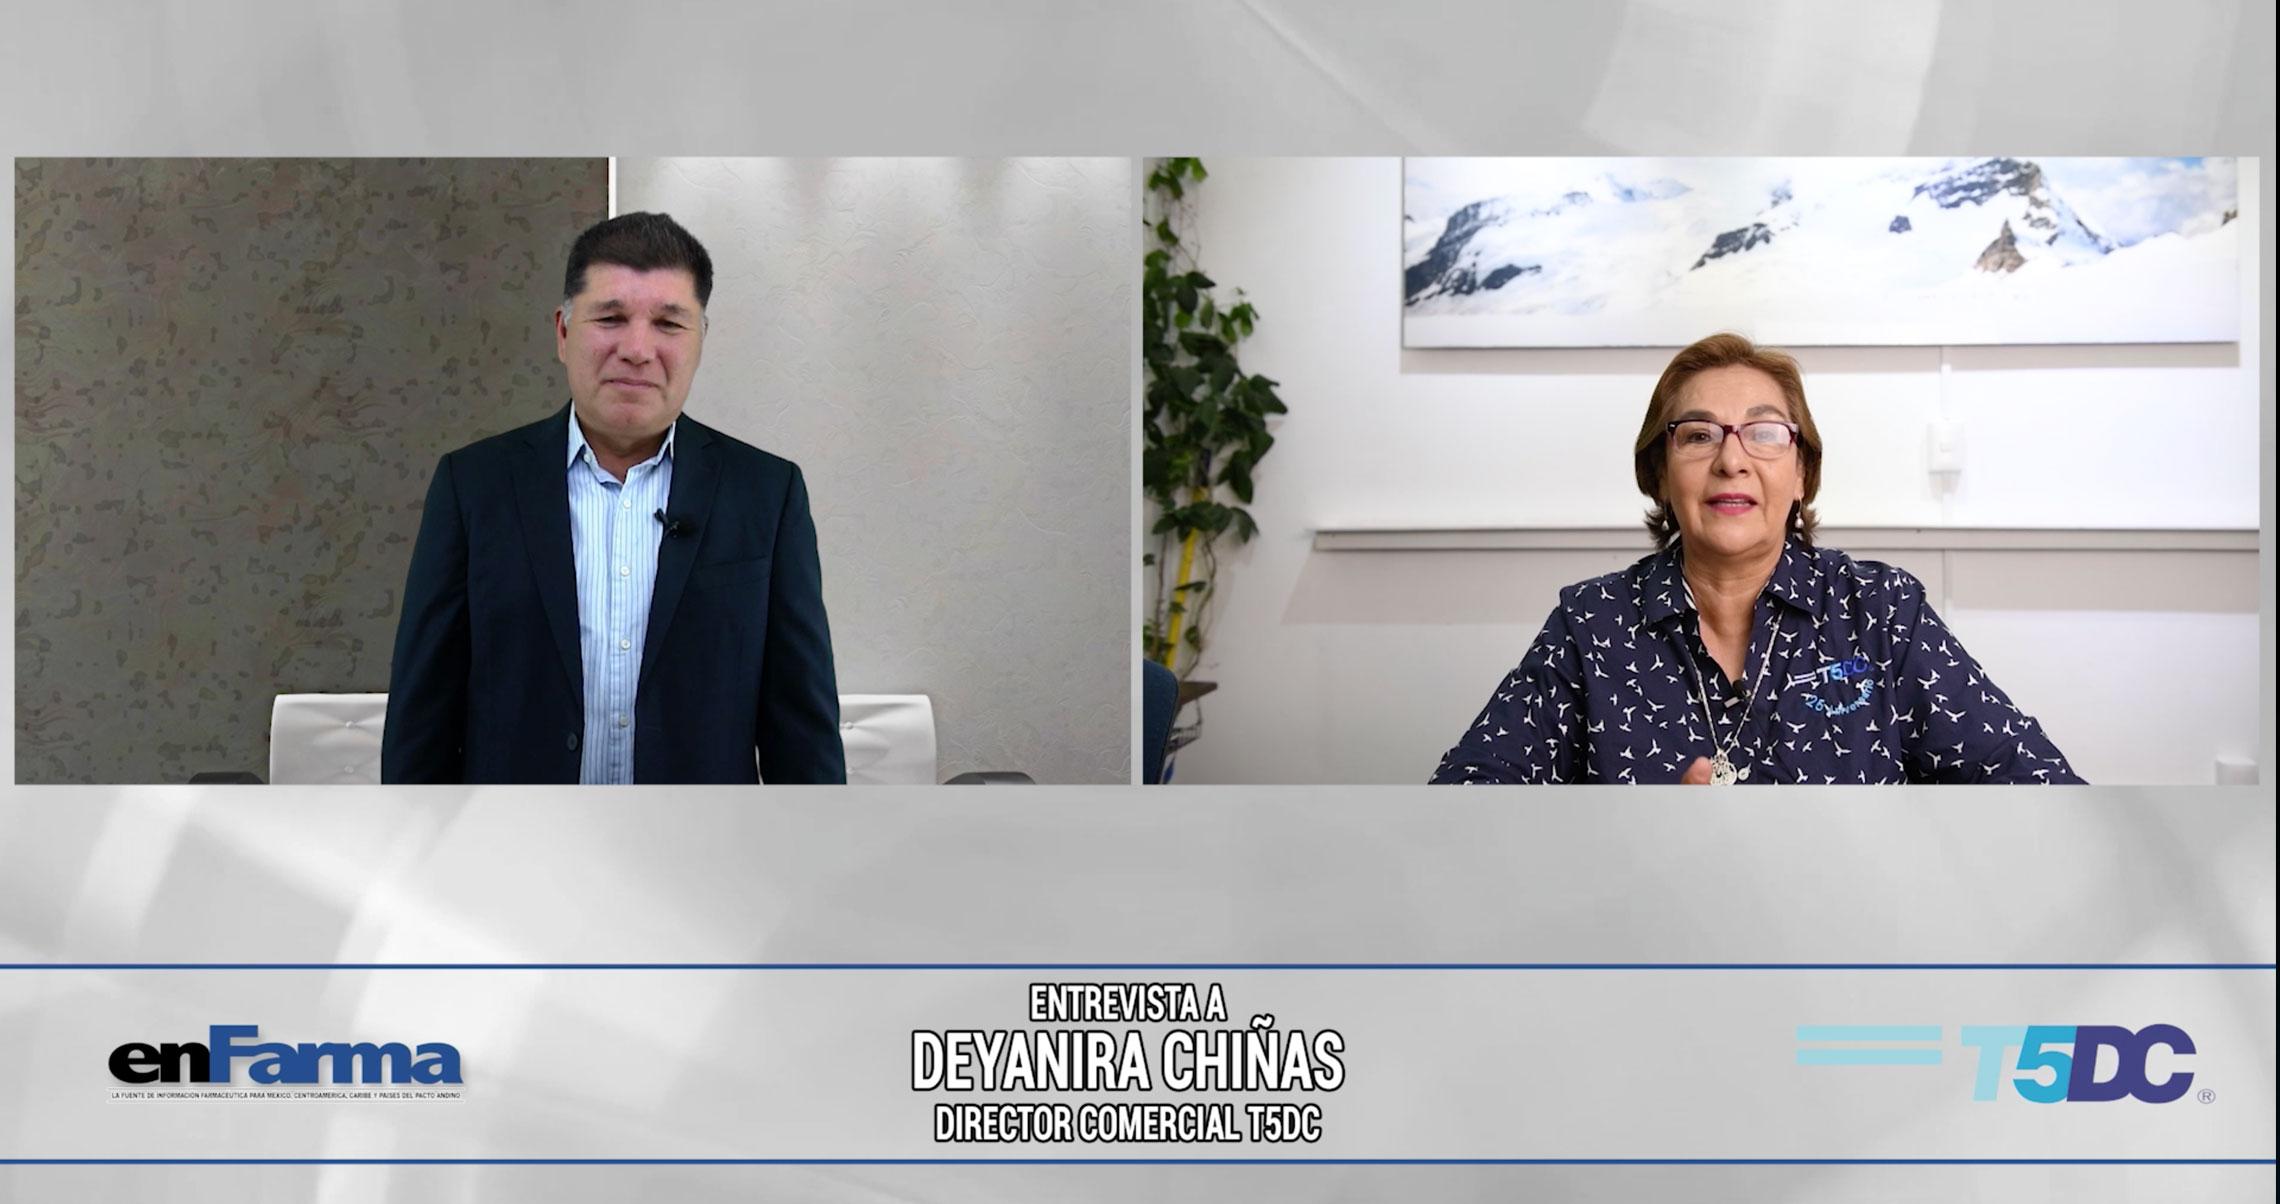 Entrevista a Deyanira Chiñas - Directora Comercial T5DC